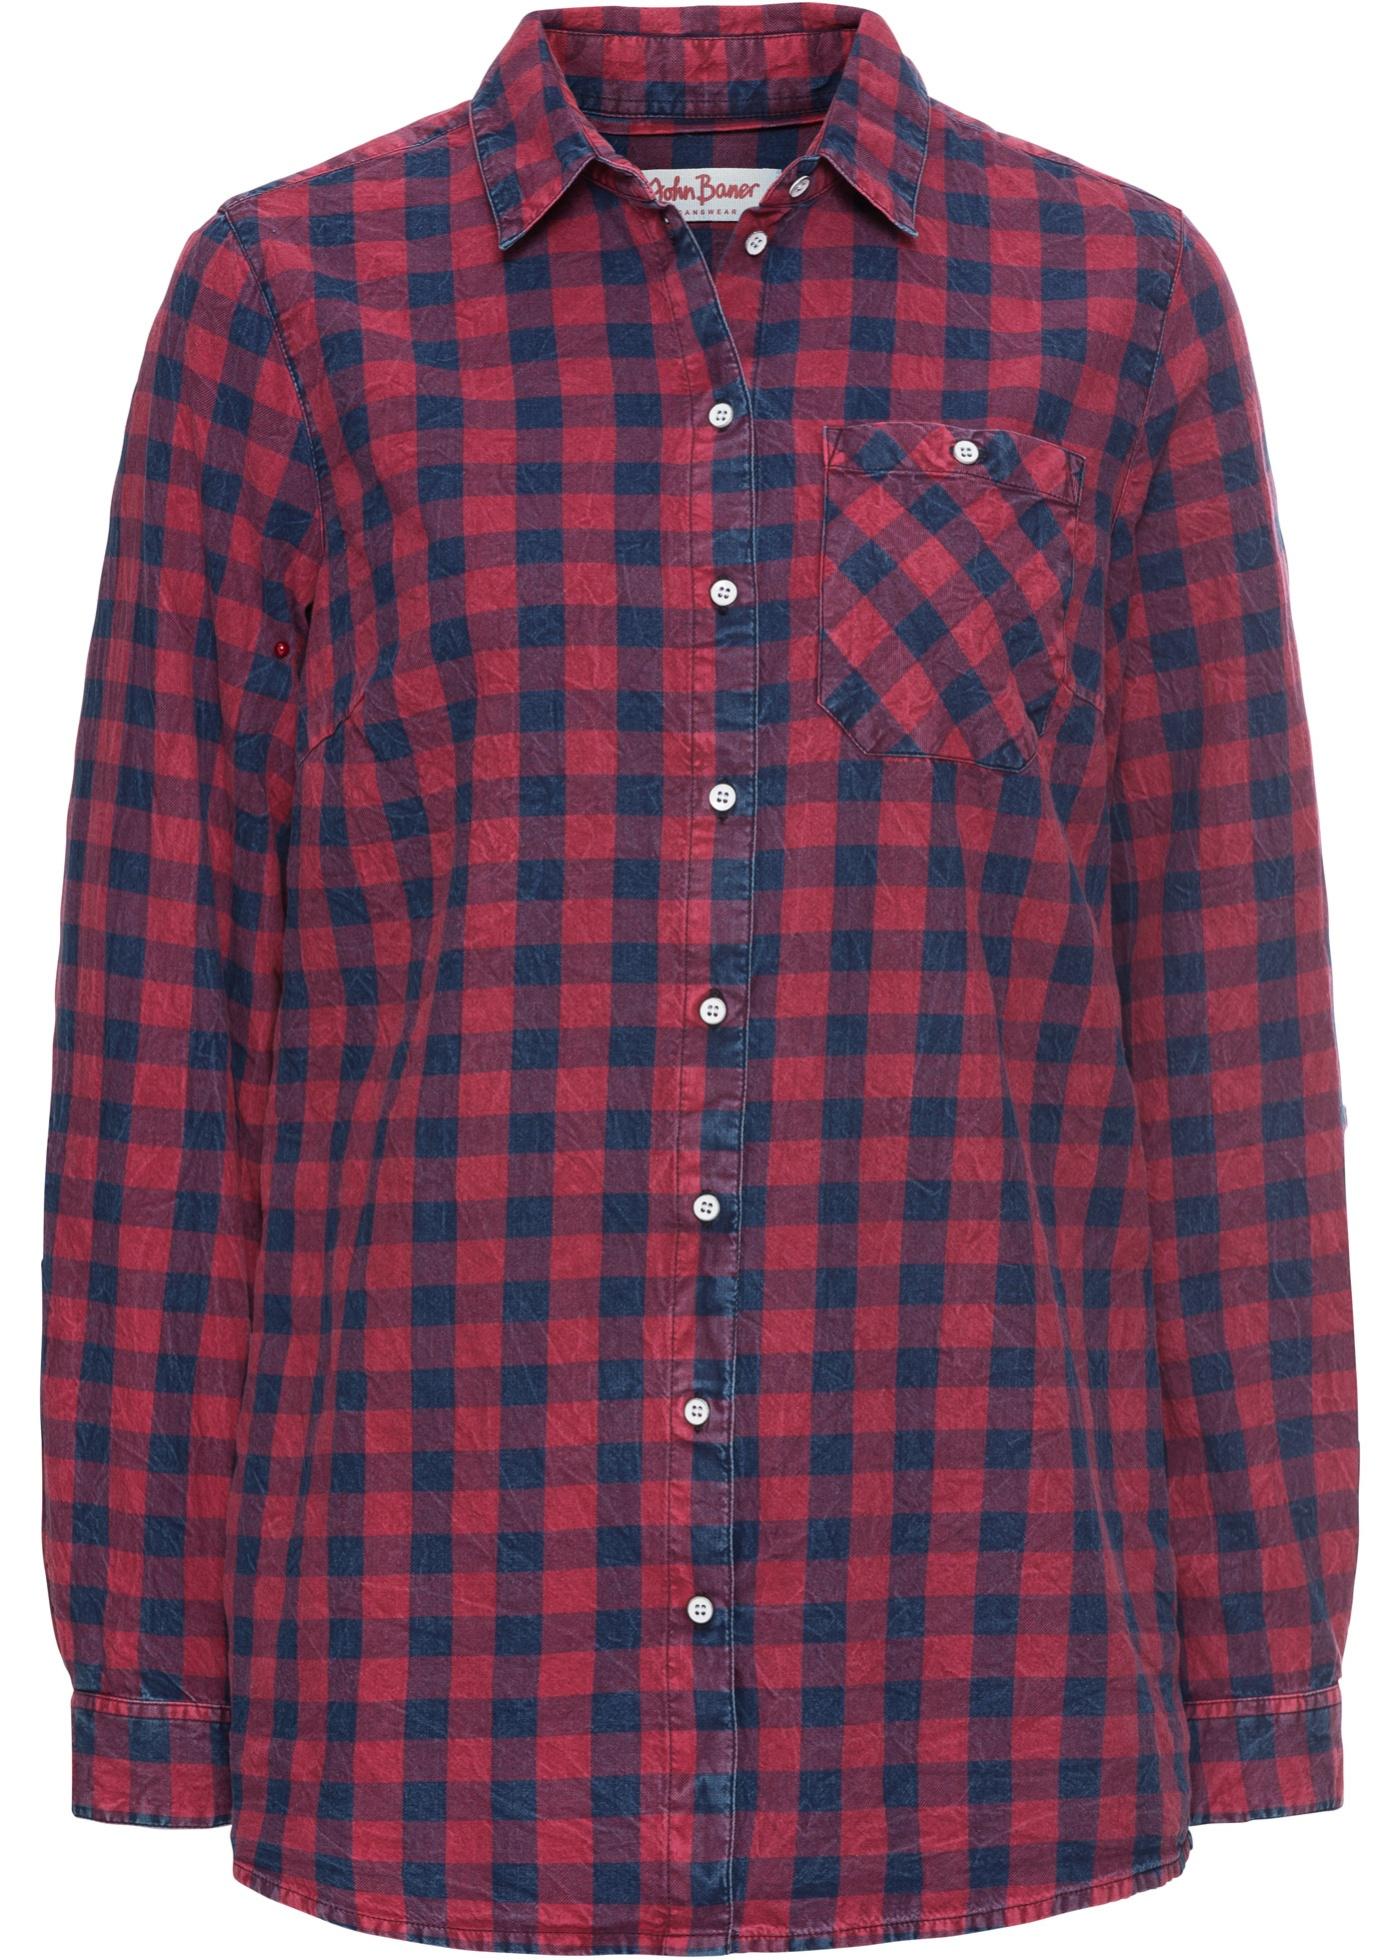 Chemise à carreaux effet délavé, manches longues